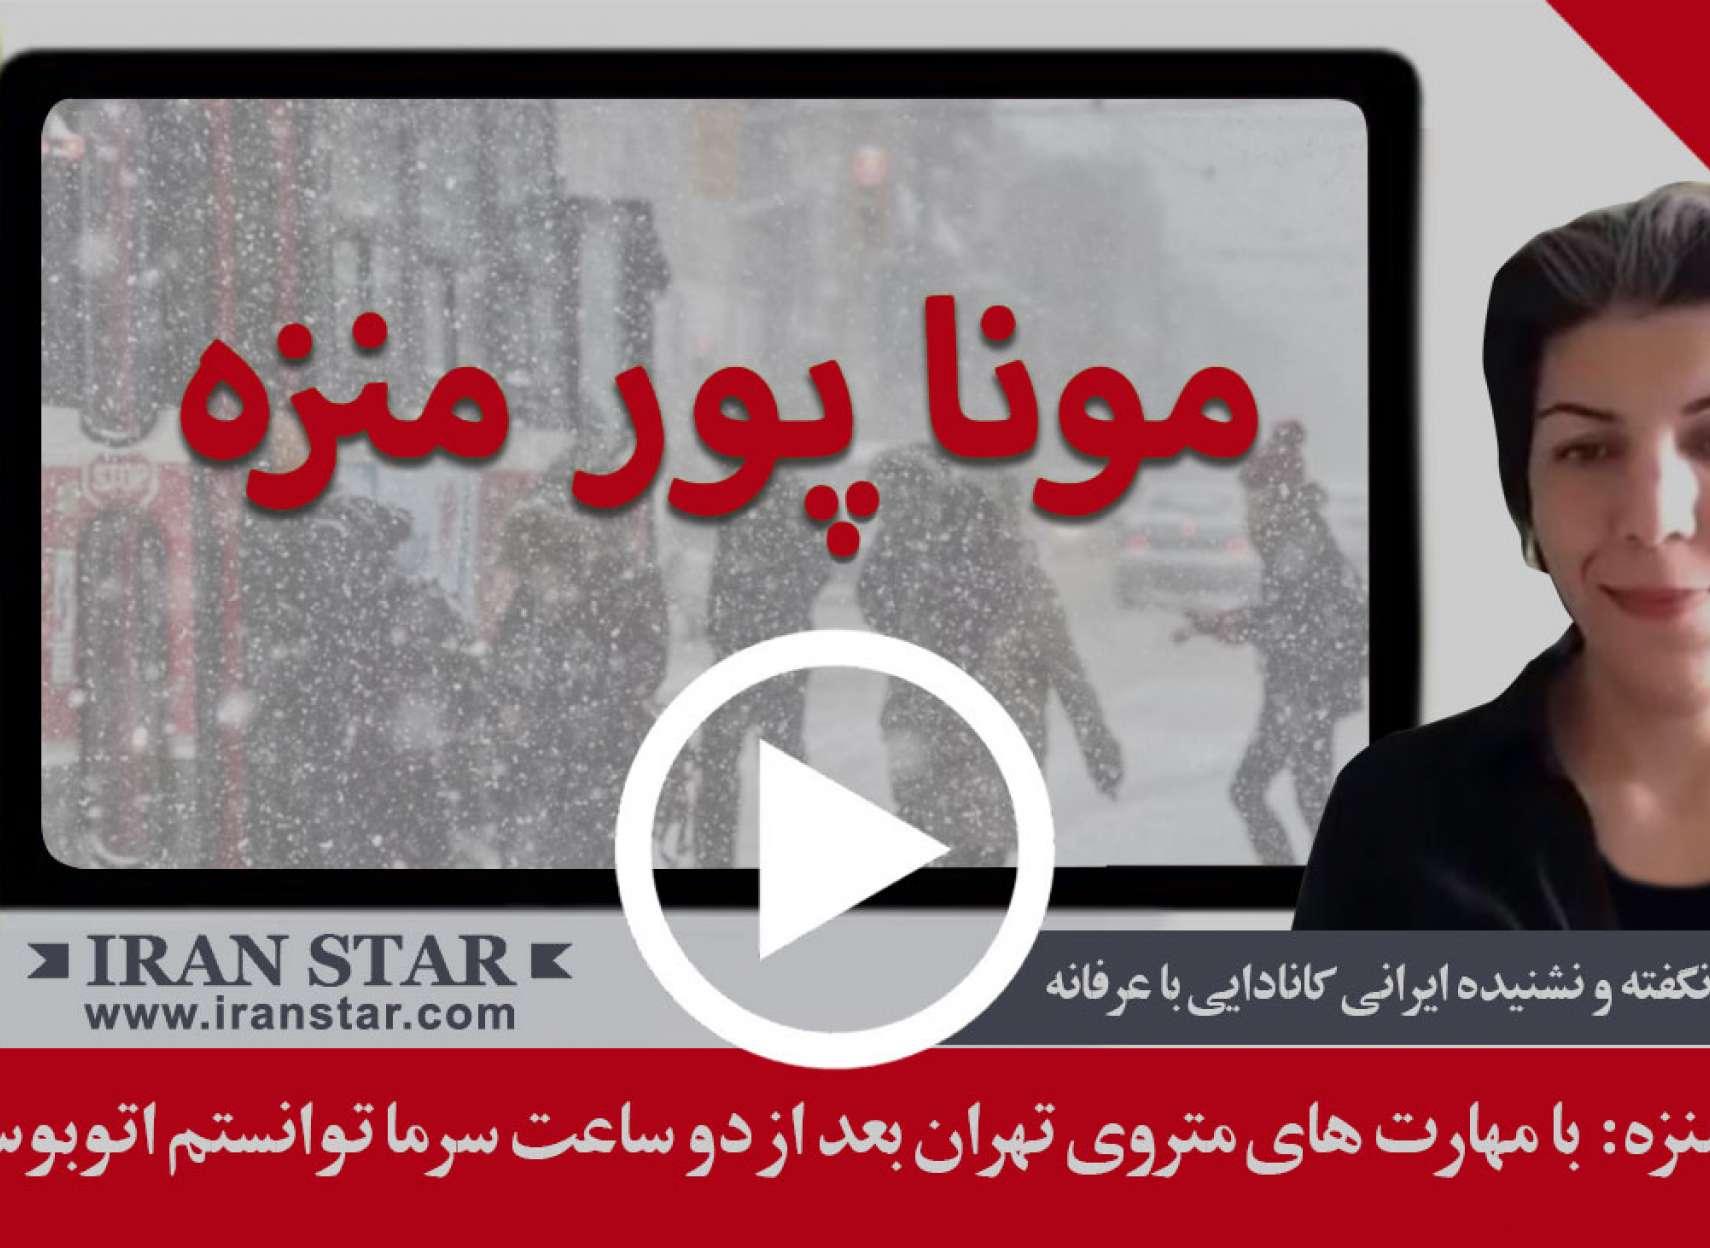 مونا پورمنزه: با مهارتهای متروی تهران بعد از دو ساعت سرما توانستم اتوبوس بگیرم